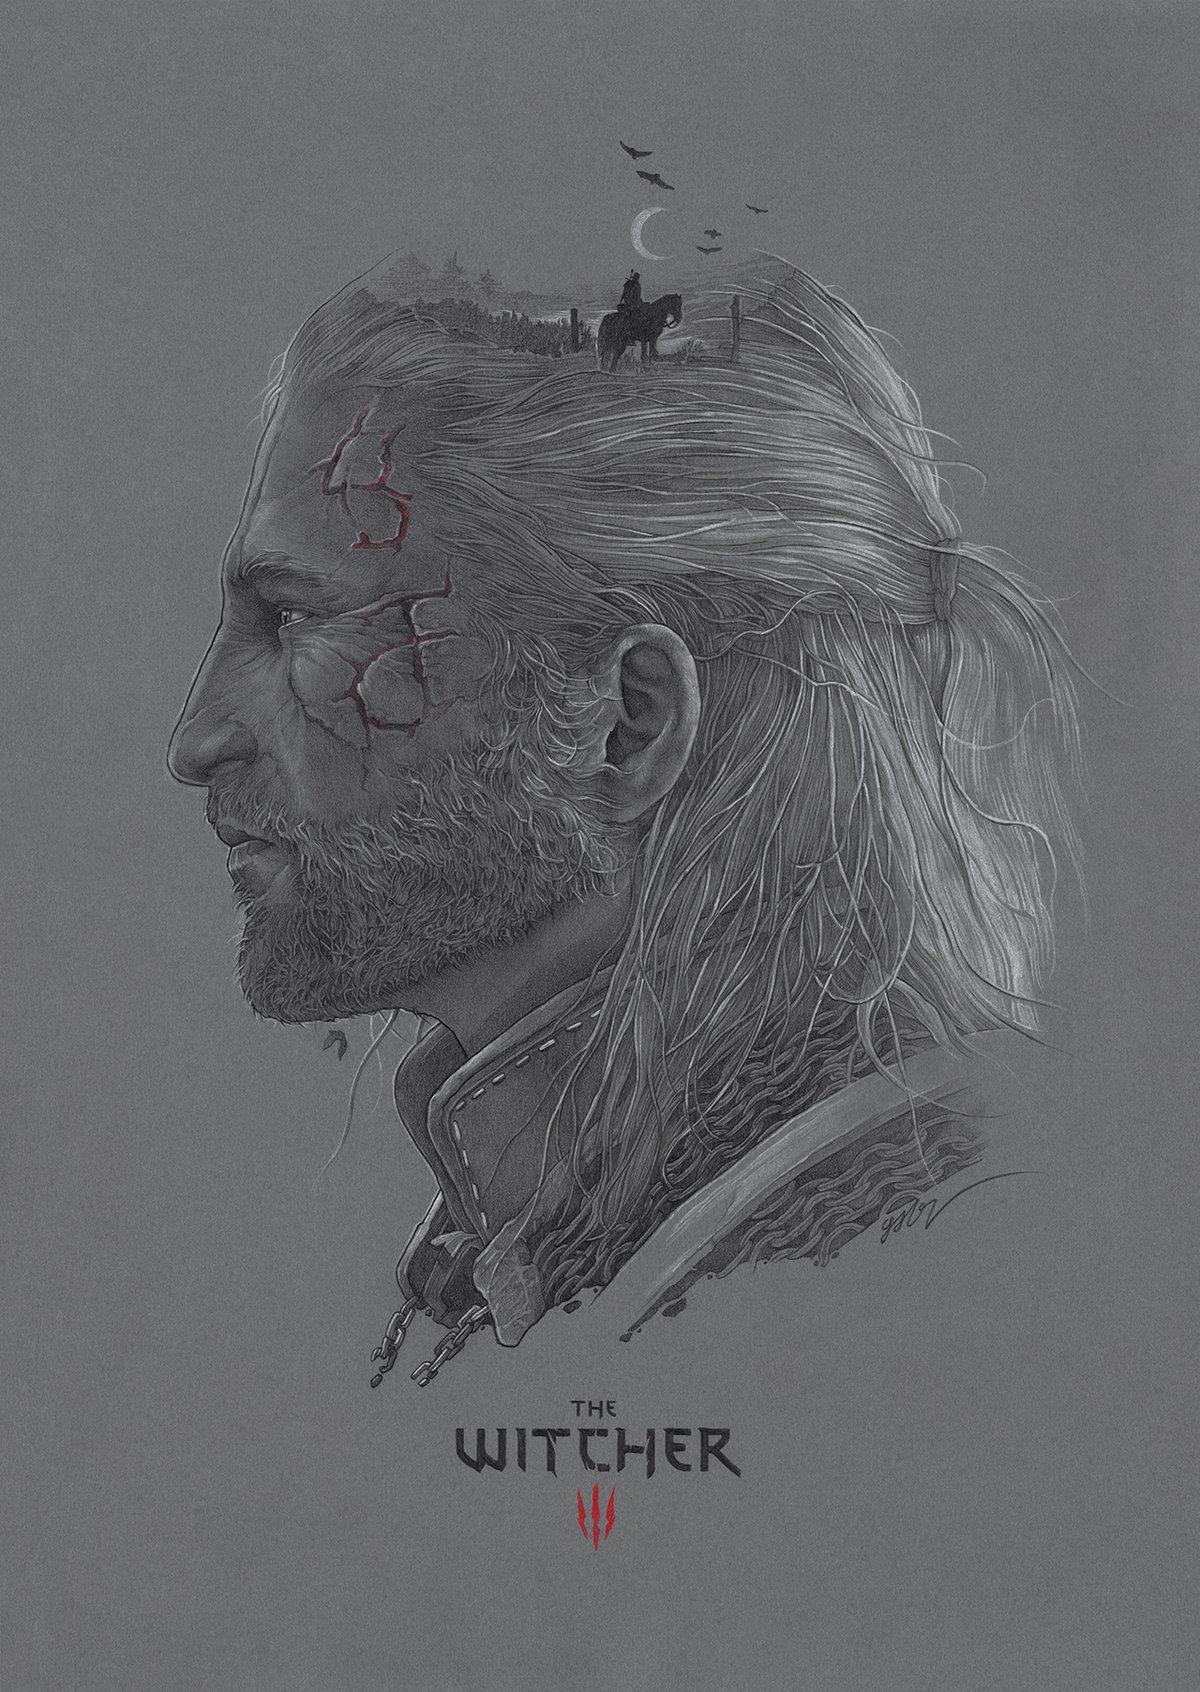 Image of Geralt